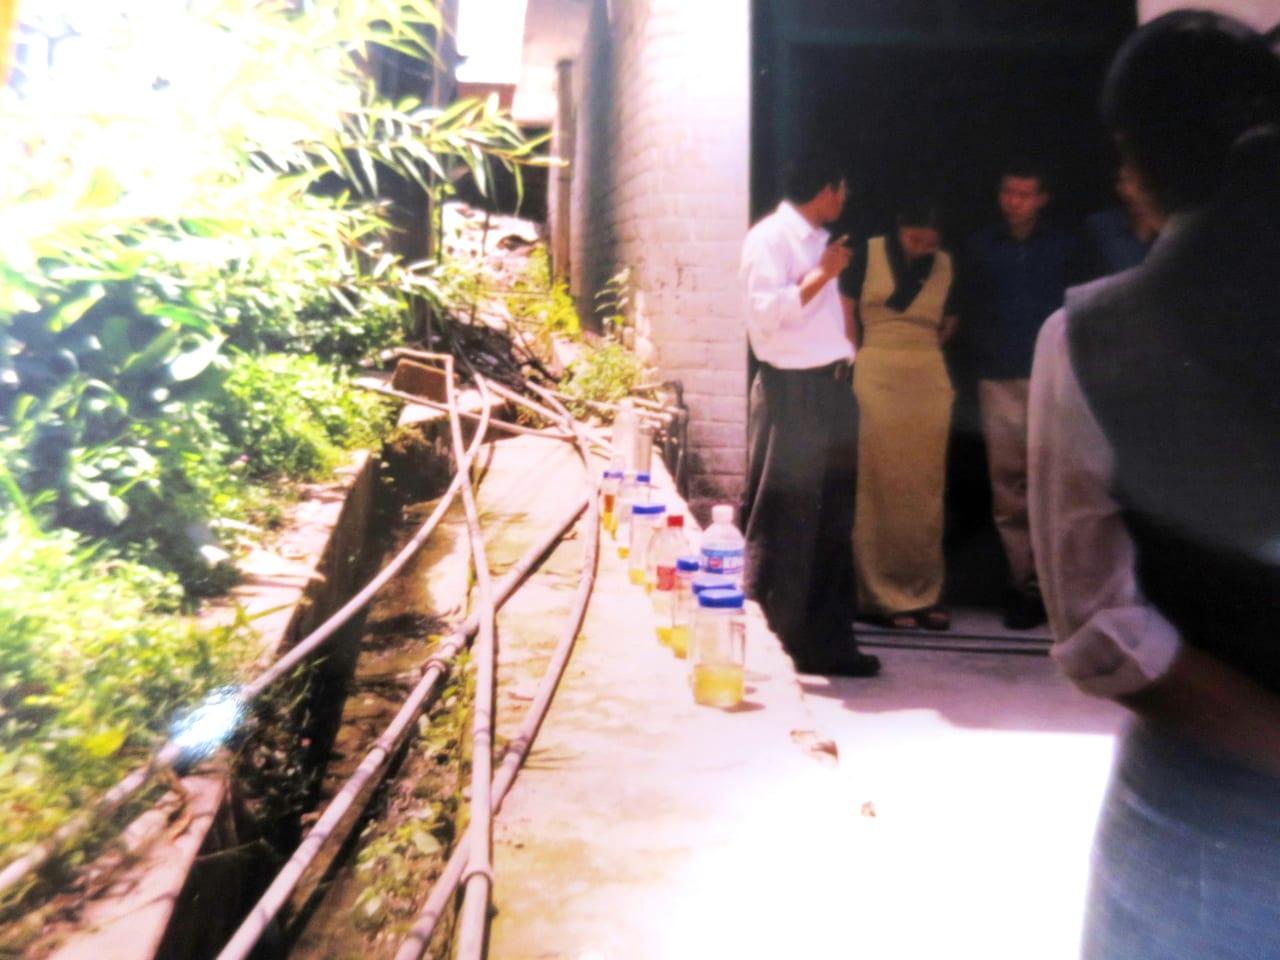 尿診の屋外講義 メンツィカン 2005年